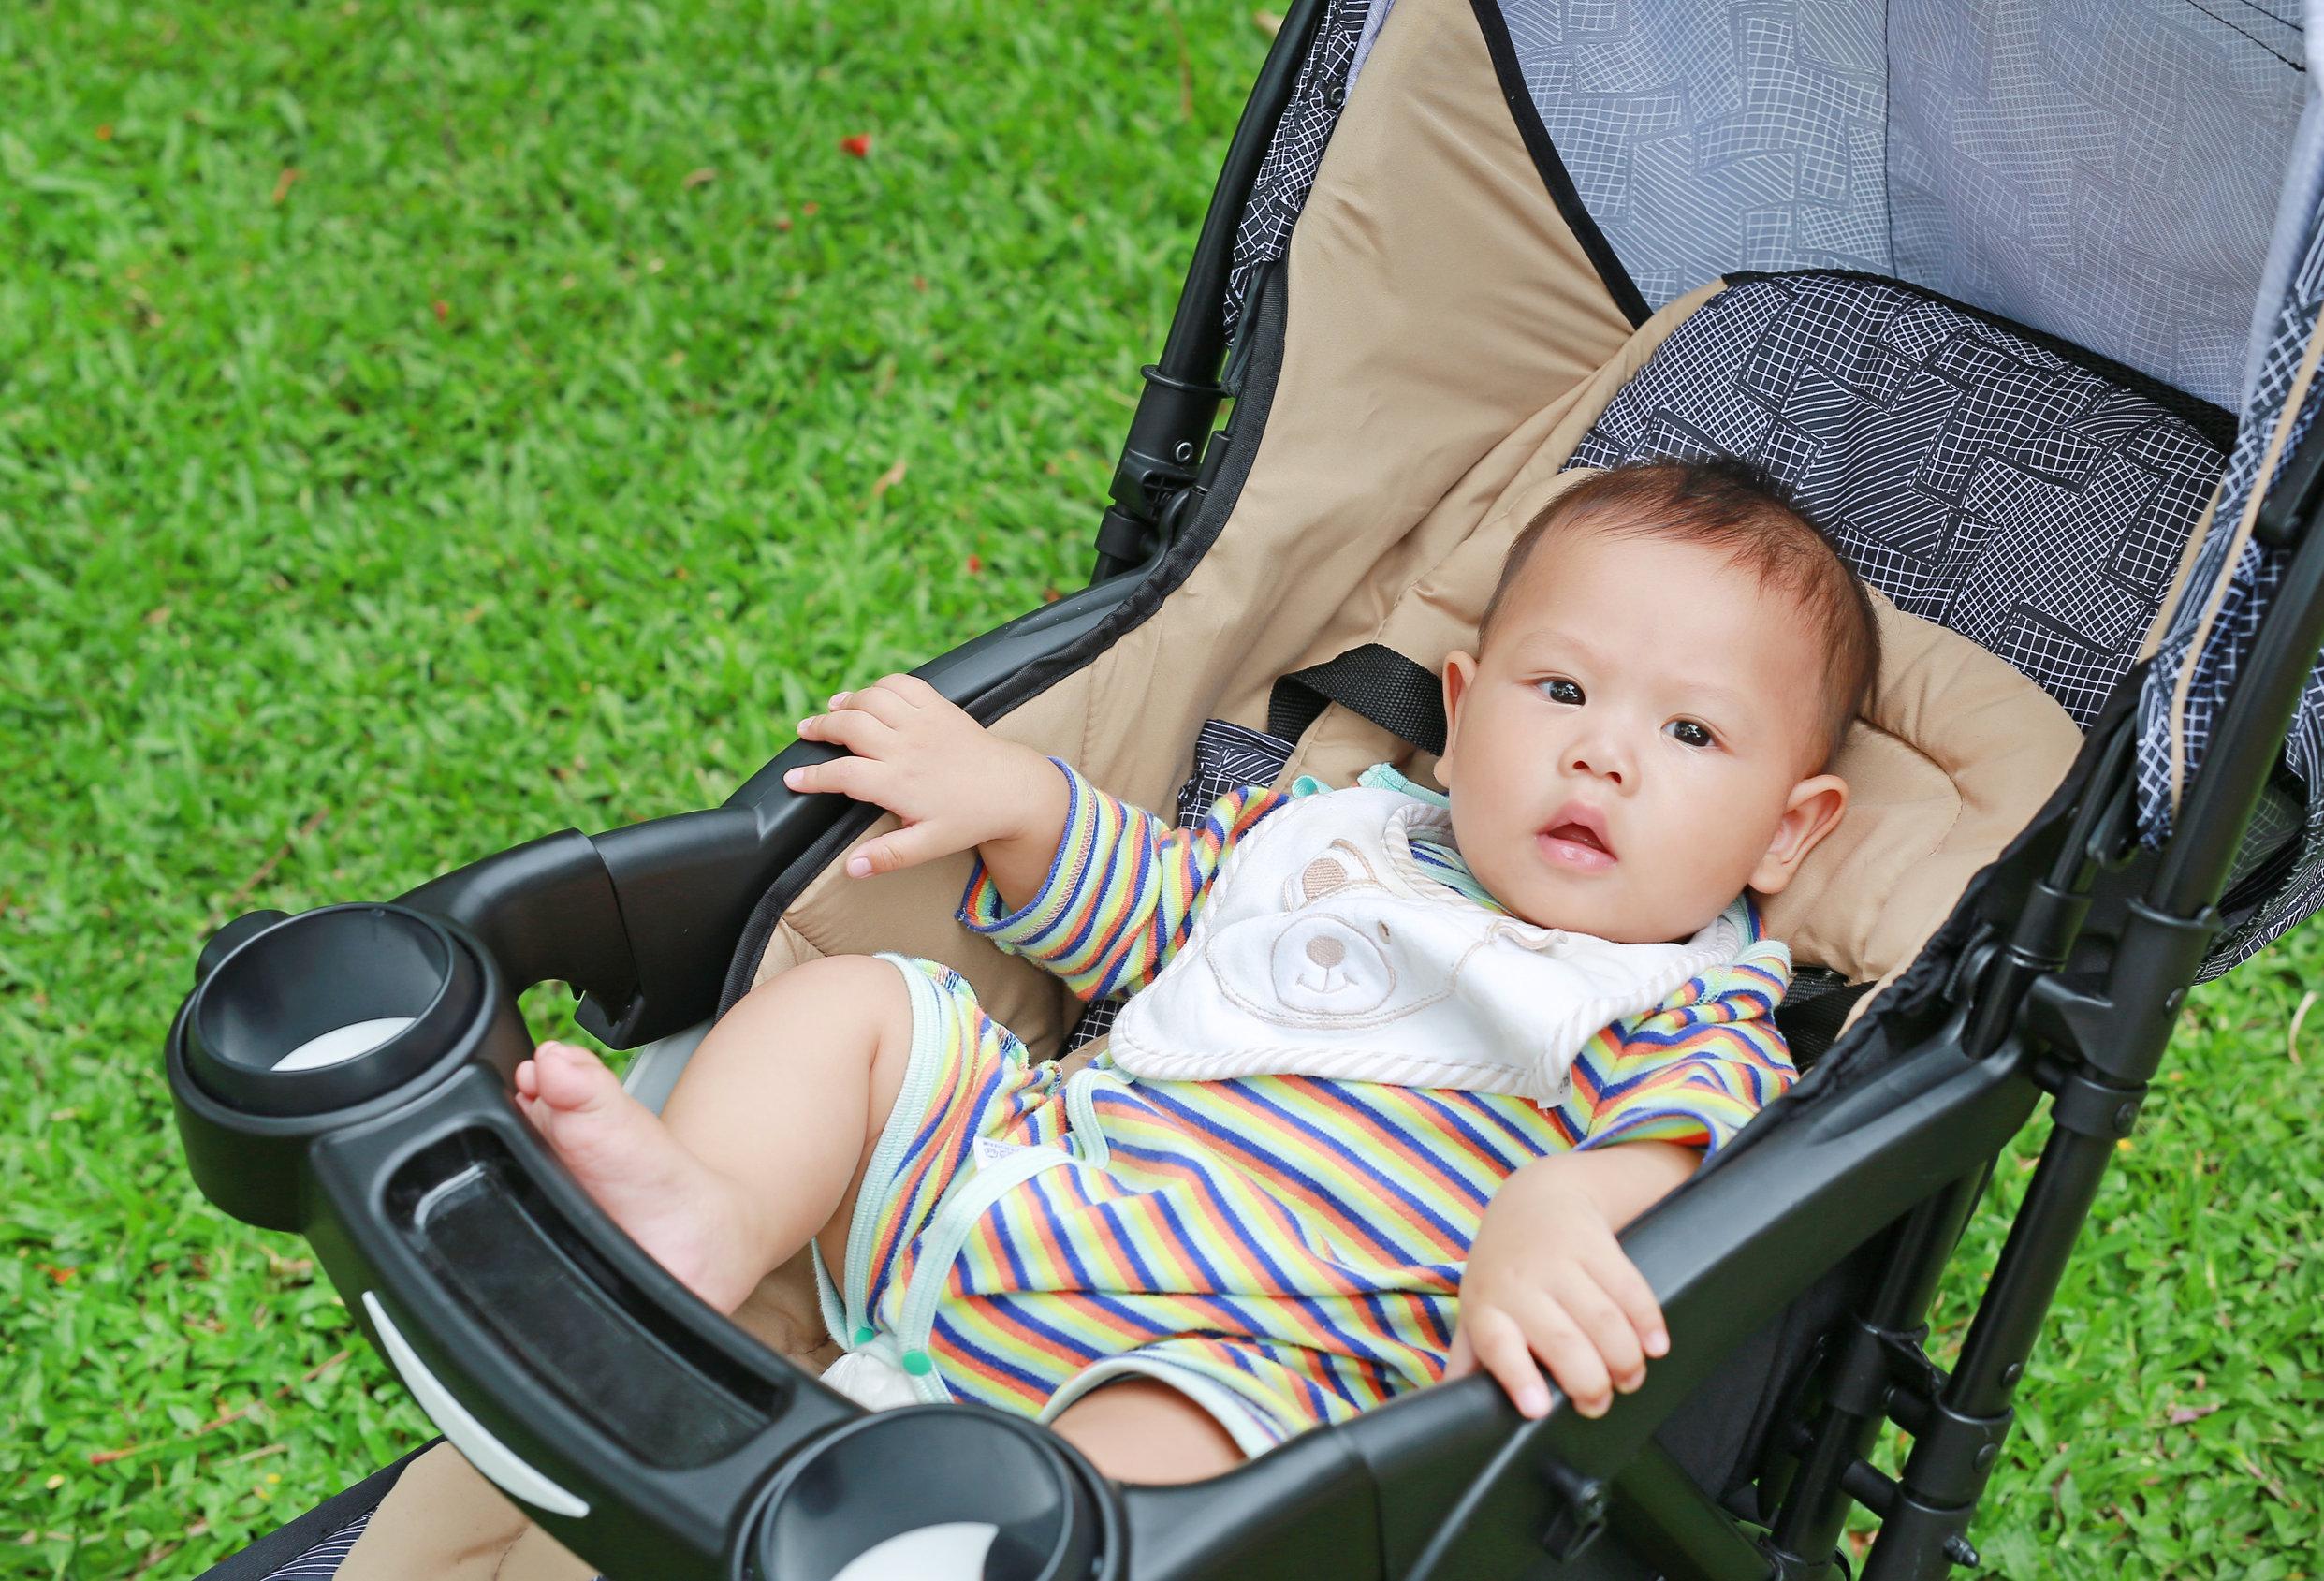 Menino de 6 meses sentado no carrinho de bebé no jardim verde.